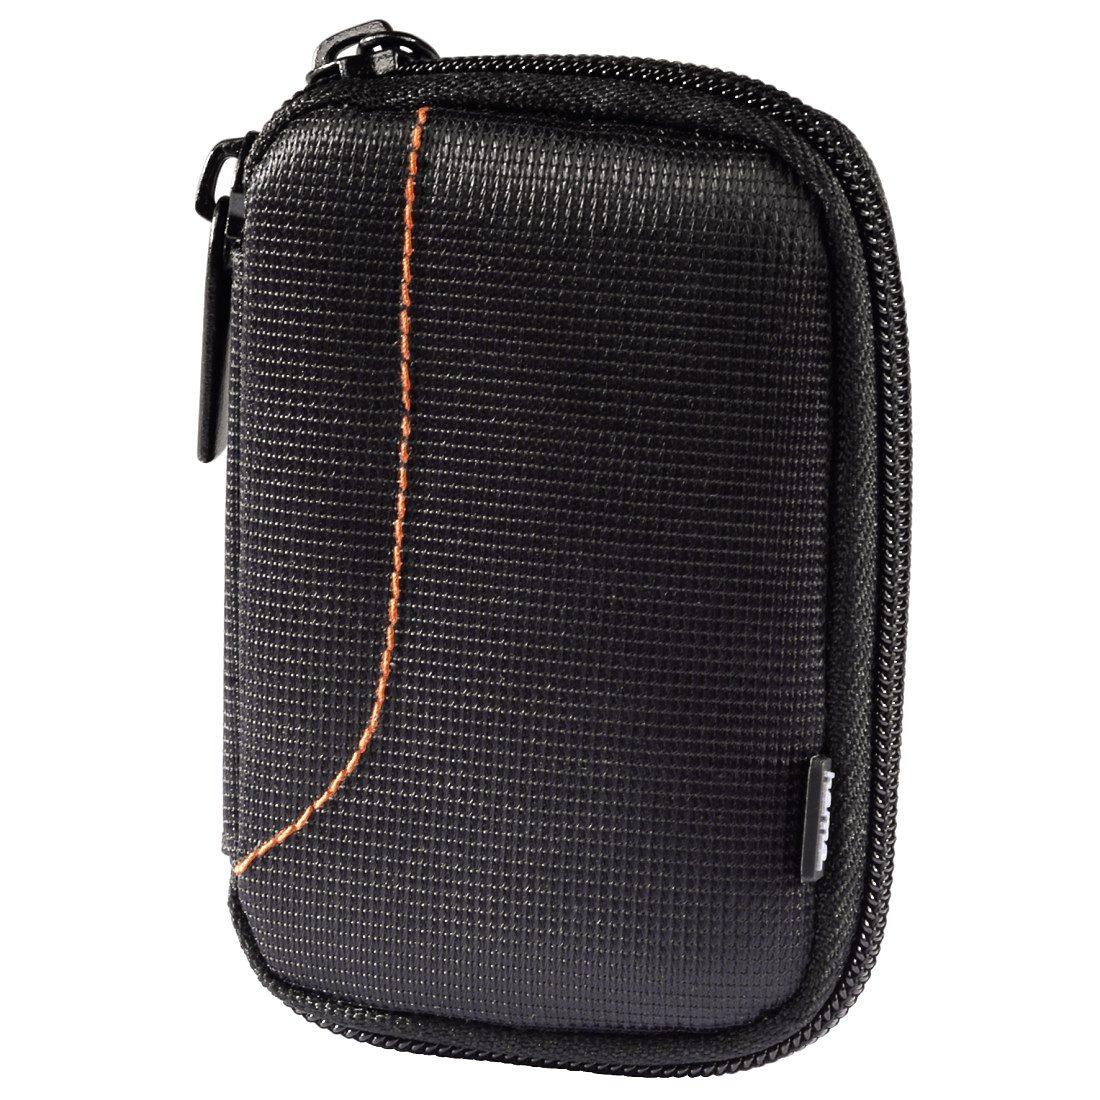 Hama Festplattentasche Black Bird, 1,8, Schwarz